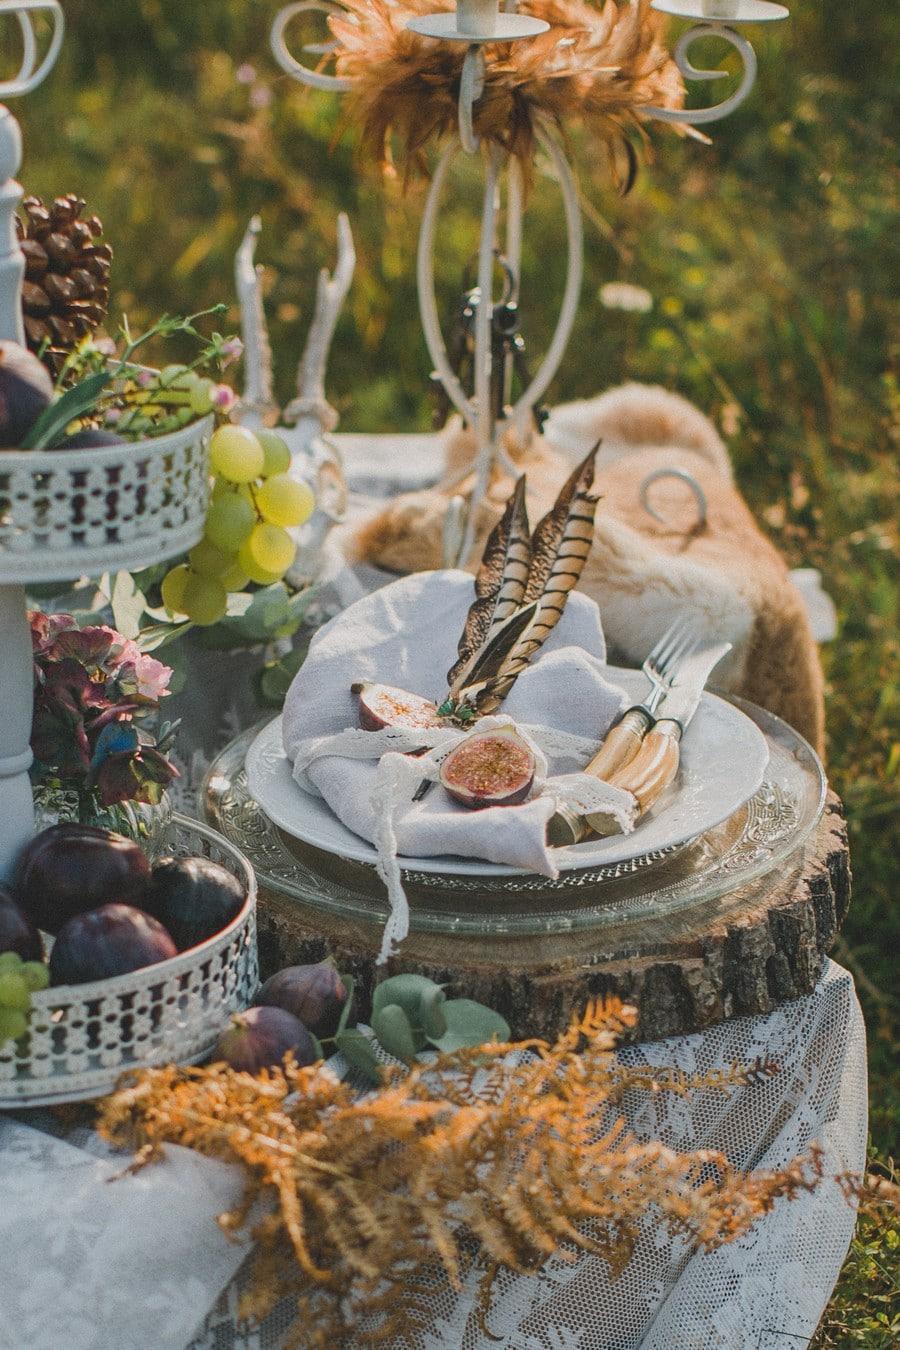 sweet Table im Freien mit Federn und Früchten